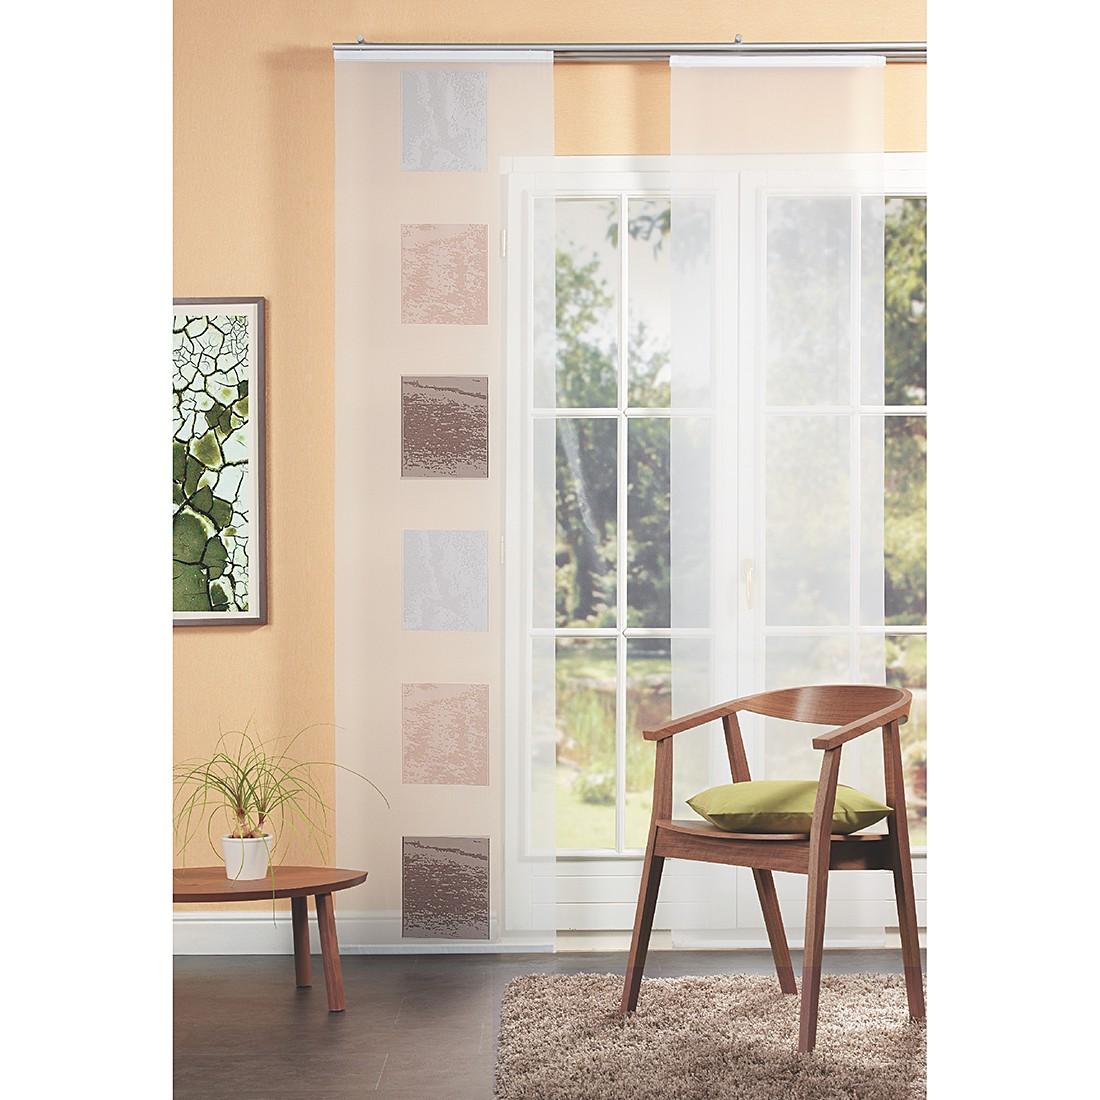 home wohnideen schiebevorhang seite 1 preisvergleich. Black Bedroom Furniture Sets. Home Design Ideas